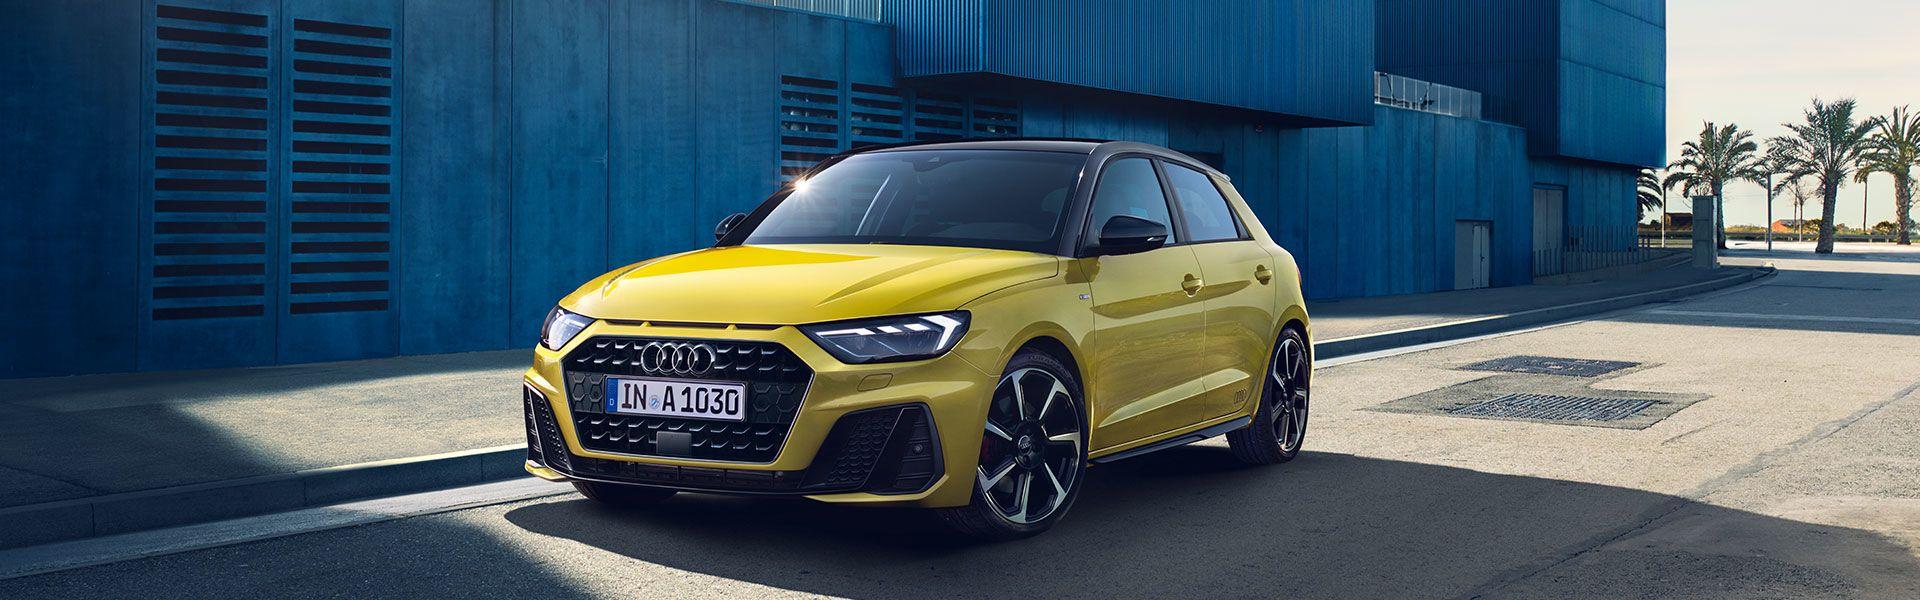 Nuevo Audi A1 Sportback de renting